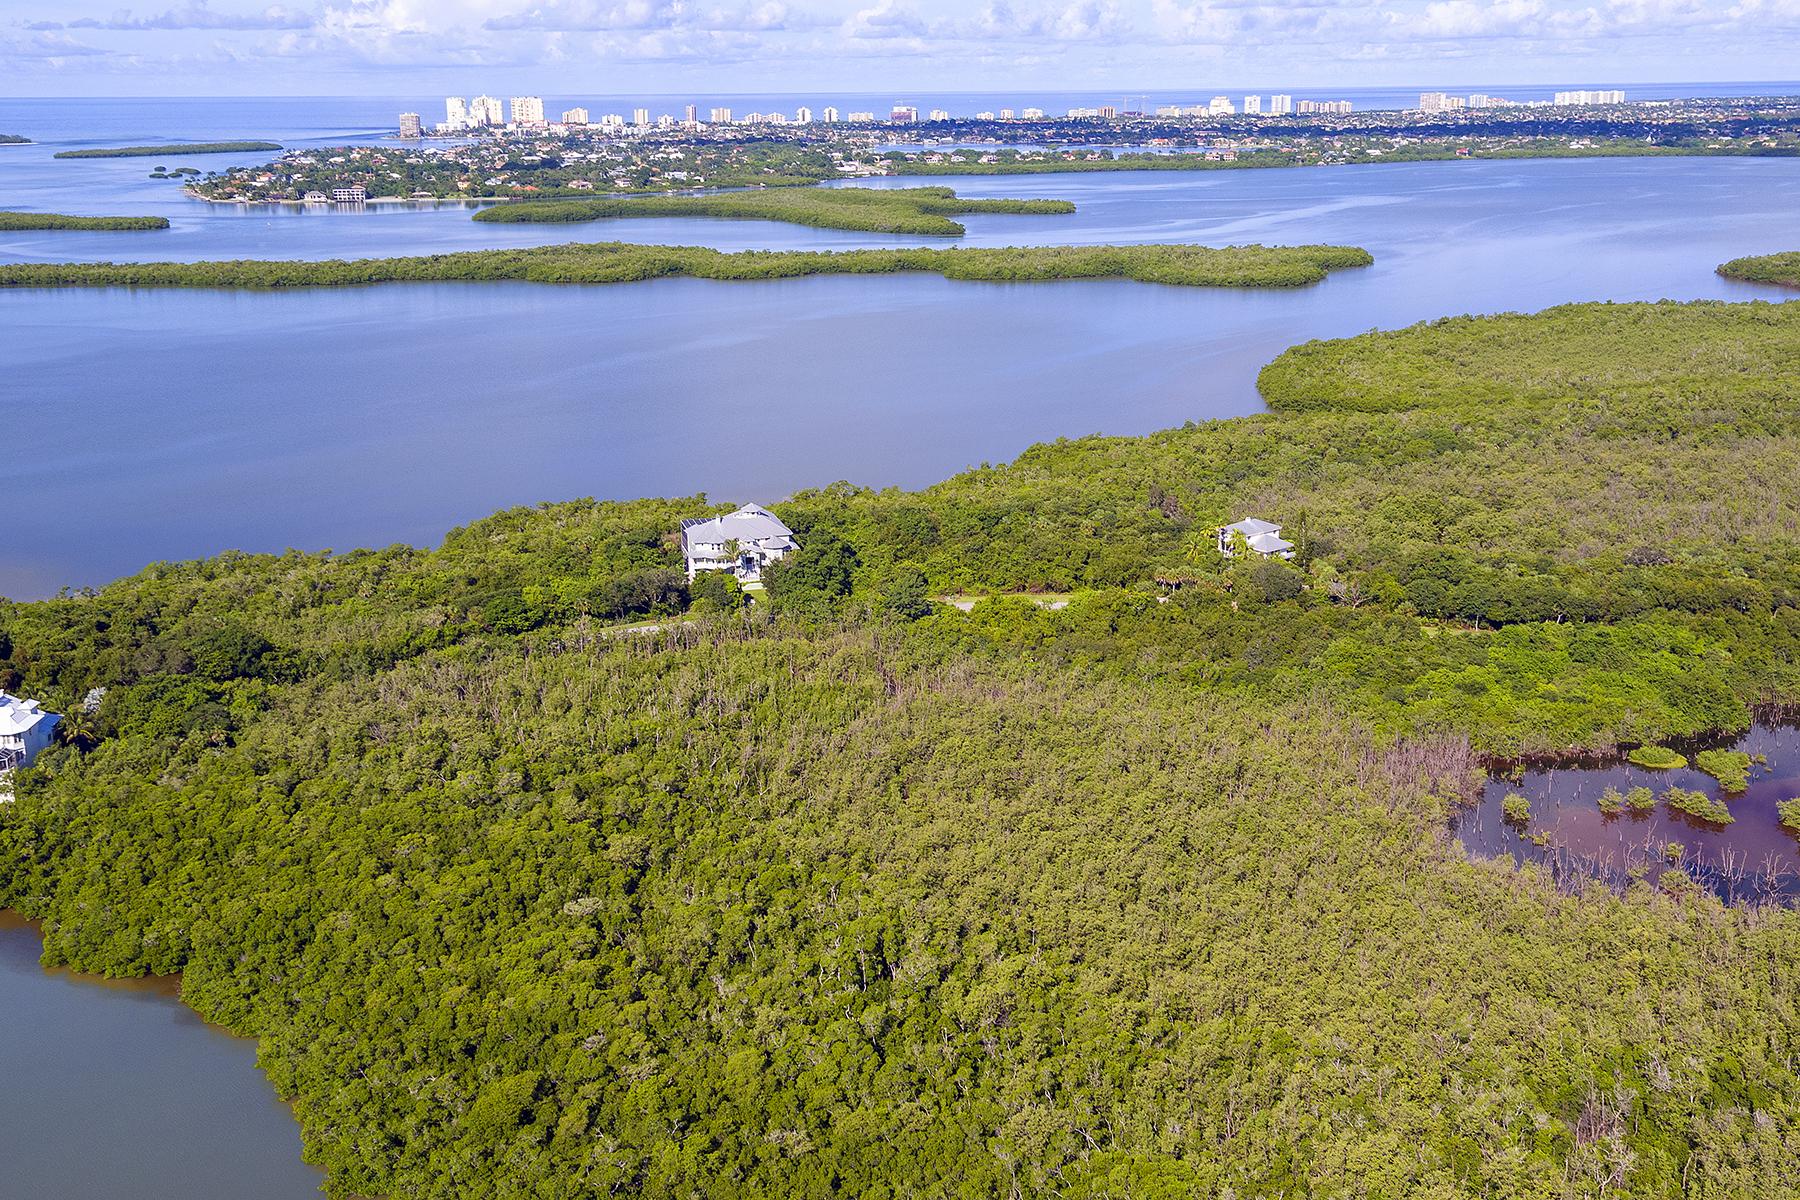 Đất đai vì Bán tại MARCO ISLAND - KEY MARCO 828 Whiskey Creek Dr Marco Island, Florida, 34145 Hoa Kỳ